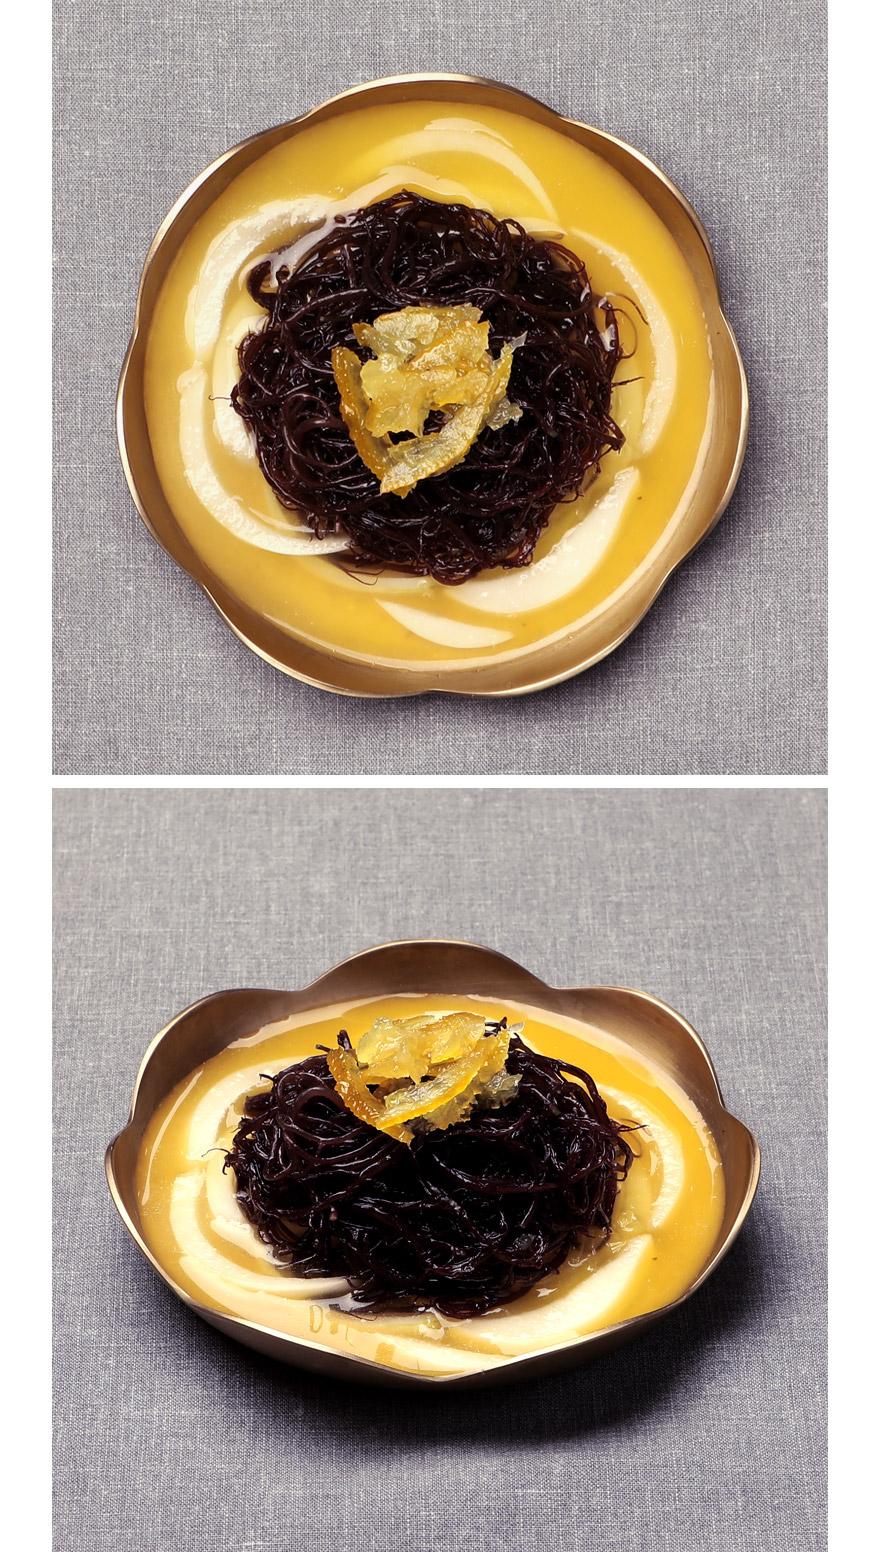 유자꼬시래기무침 입 안 가득 유자 향이 퍼지는 유자꼬시래기는 맛은 물론, 향에 두 번 반하게 됩니다. 바다의 국수로 불리는 꼬시래기에 국내산 유자를 넣어 만들었어요. 식이섬유가 풍부해 미세먼지를 배출하는 효능도 탁월하며, 칼로리가 낮아 다이어트 반찬으로도 딱입니다. 밑반찬은 물론, 샐러드로도 먹기에 좋아요.   </div>